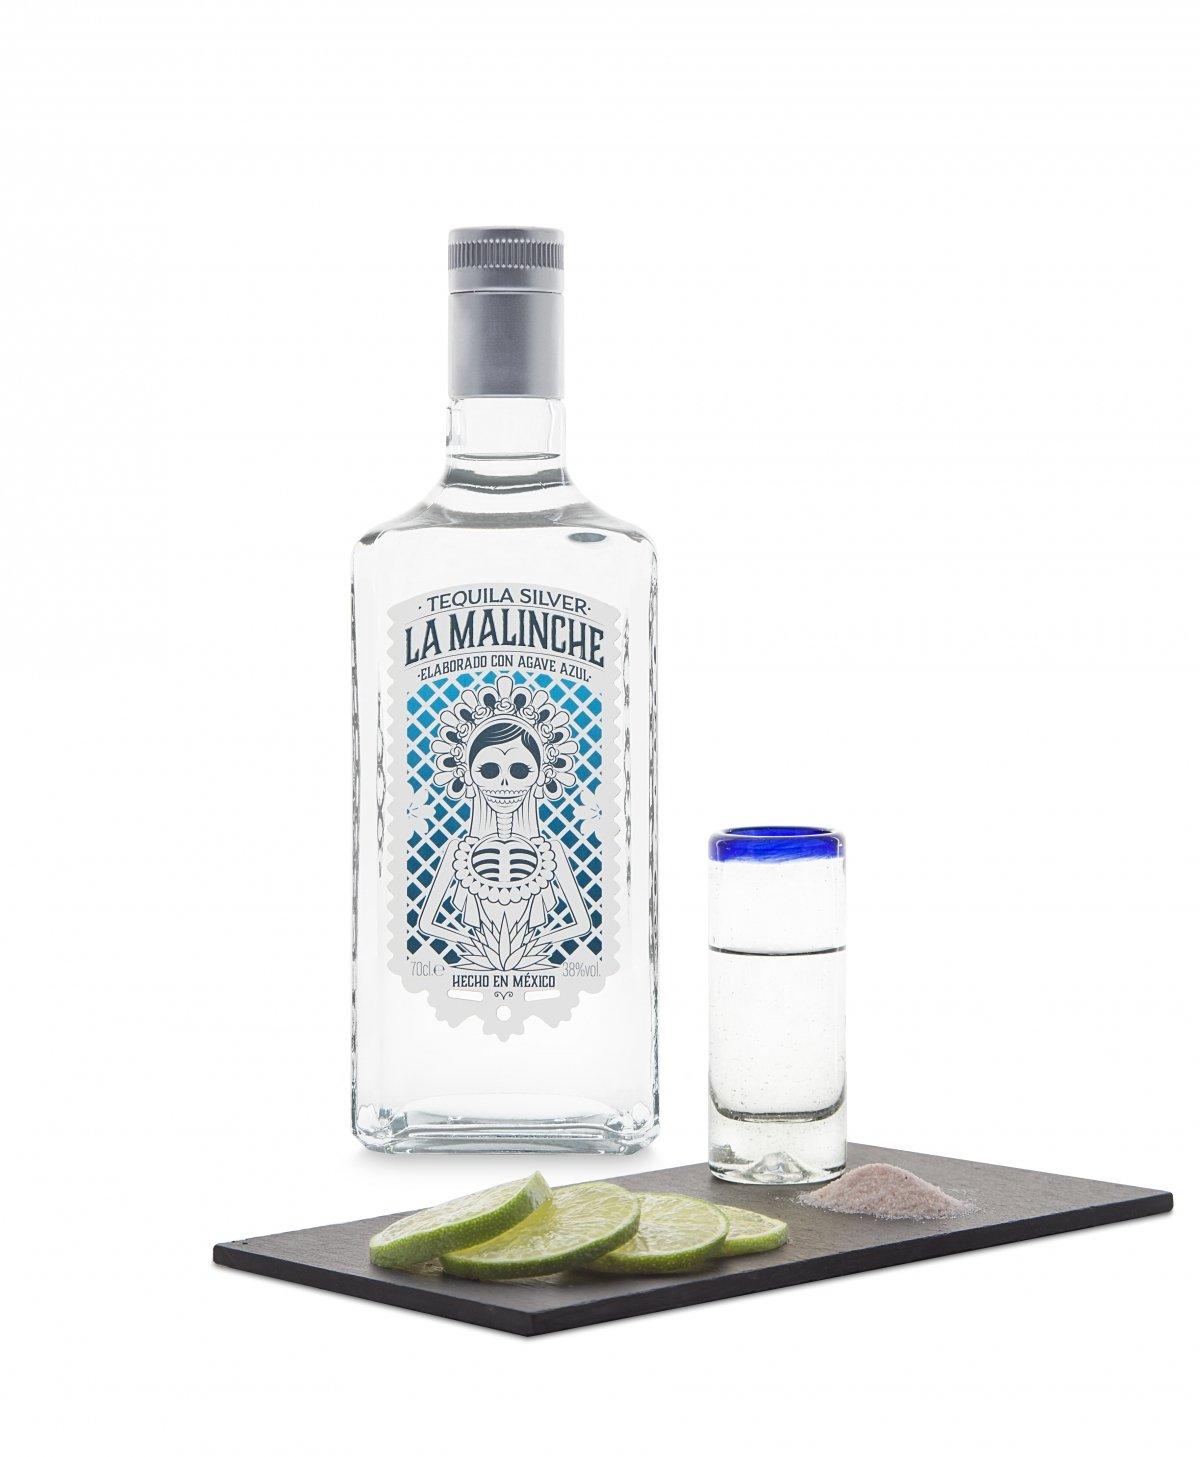 Botella tequila silver La Malinche con vaso de chupito